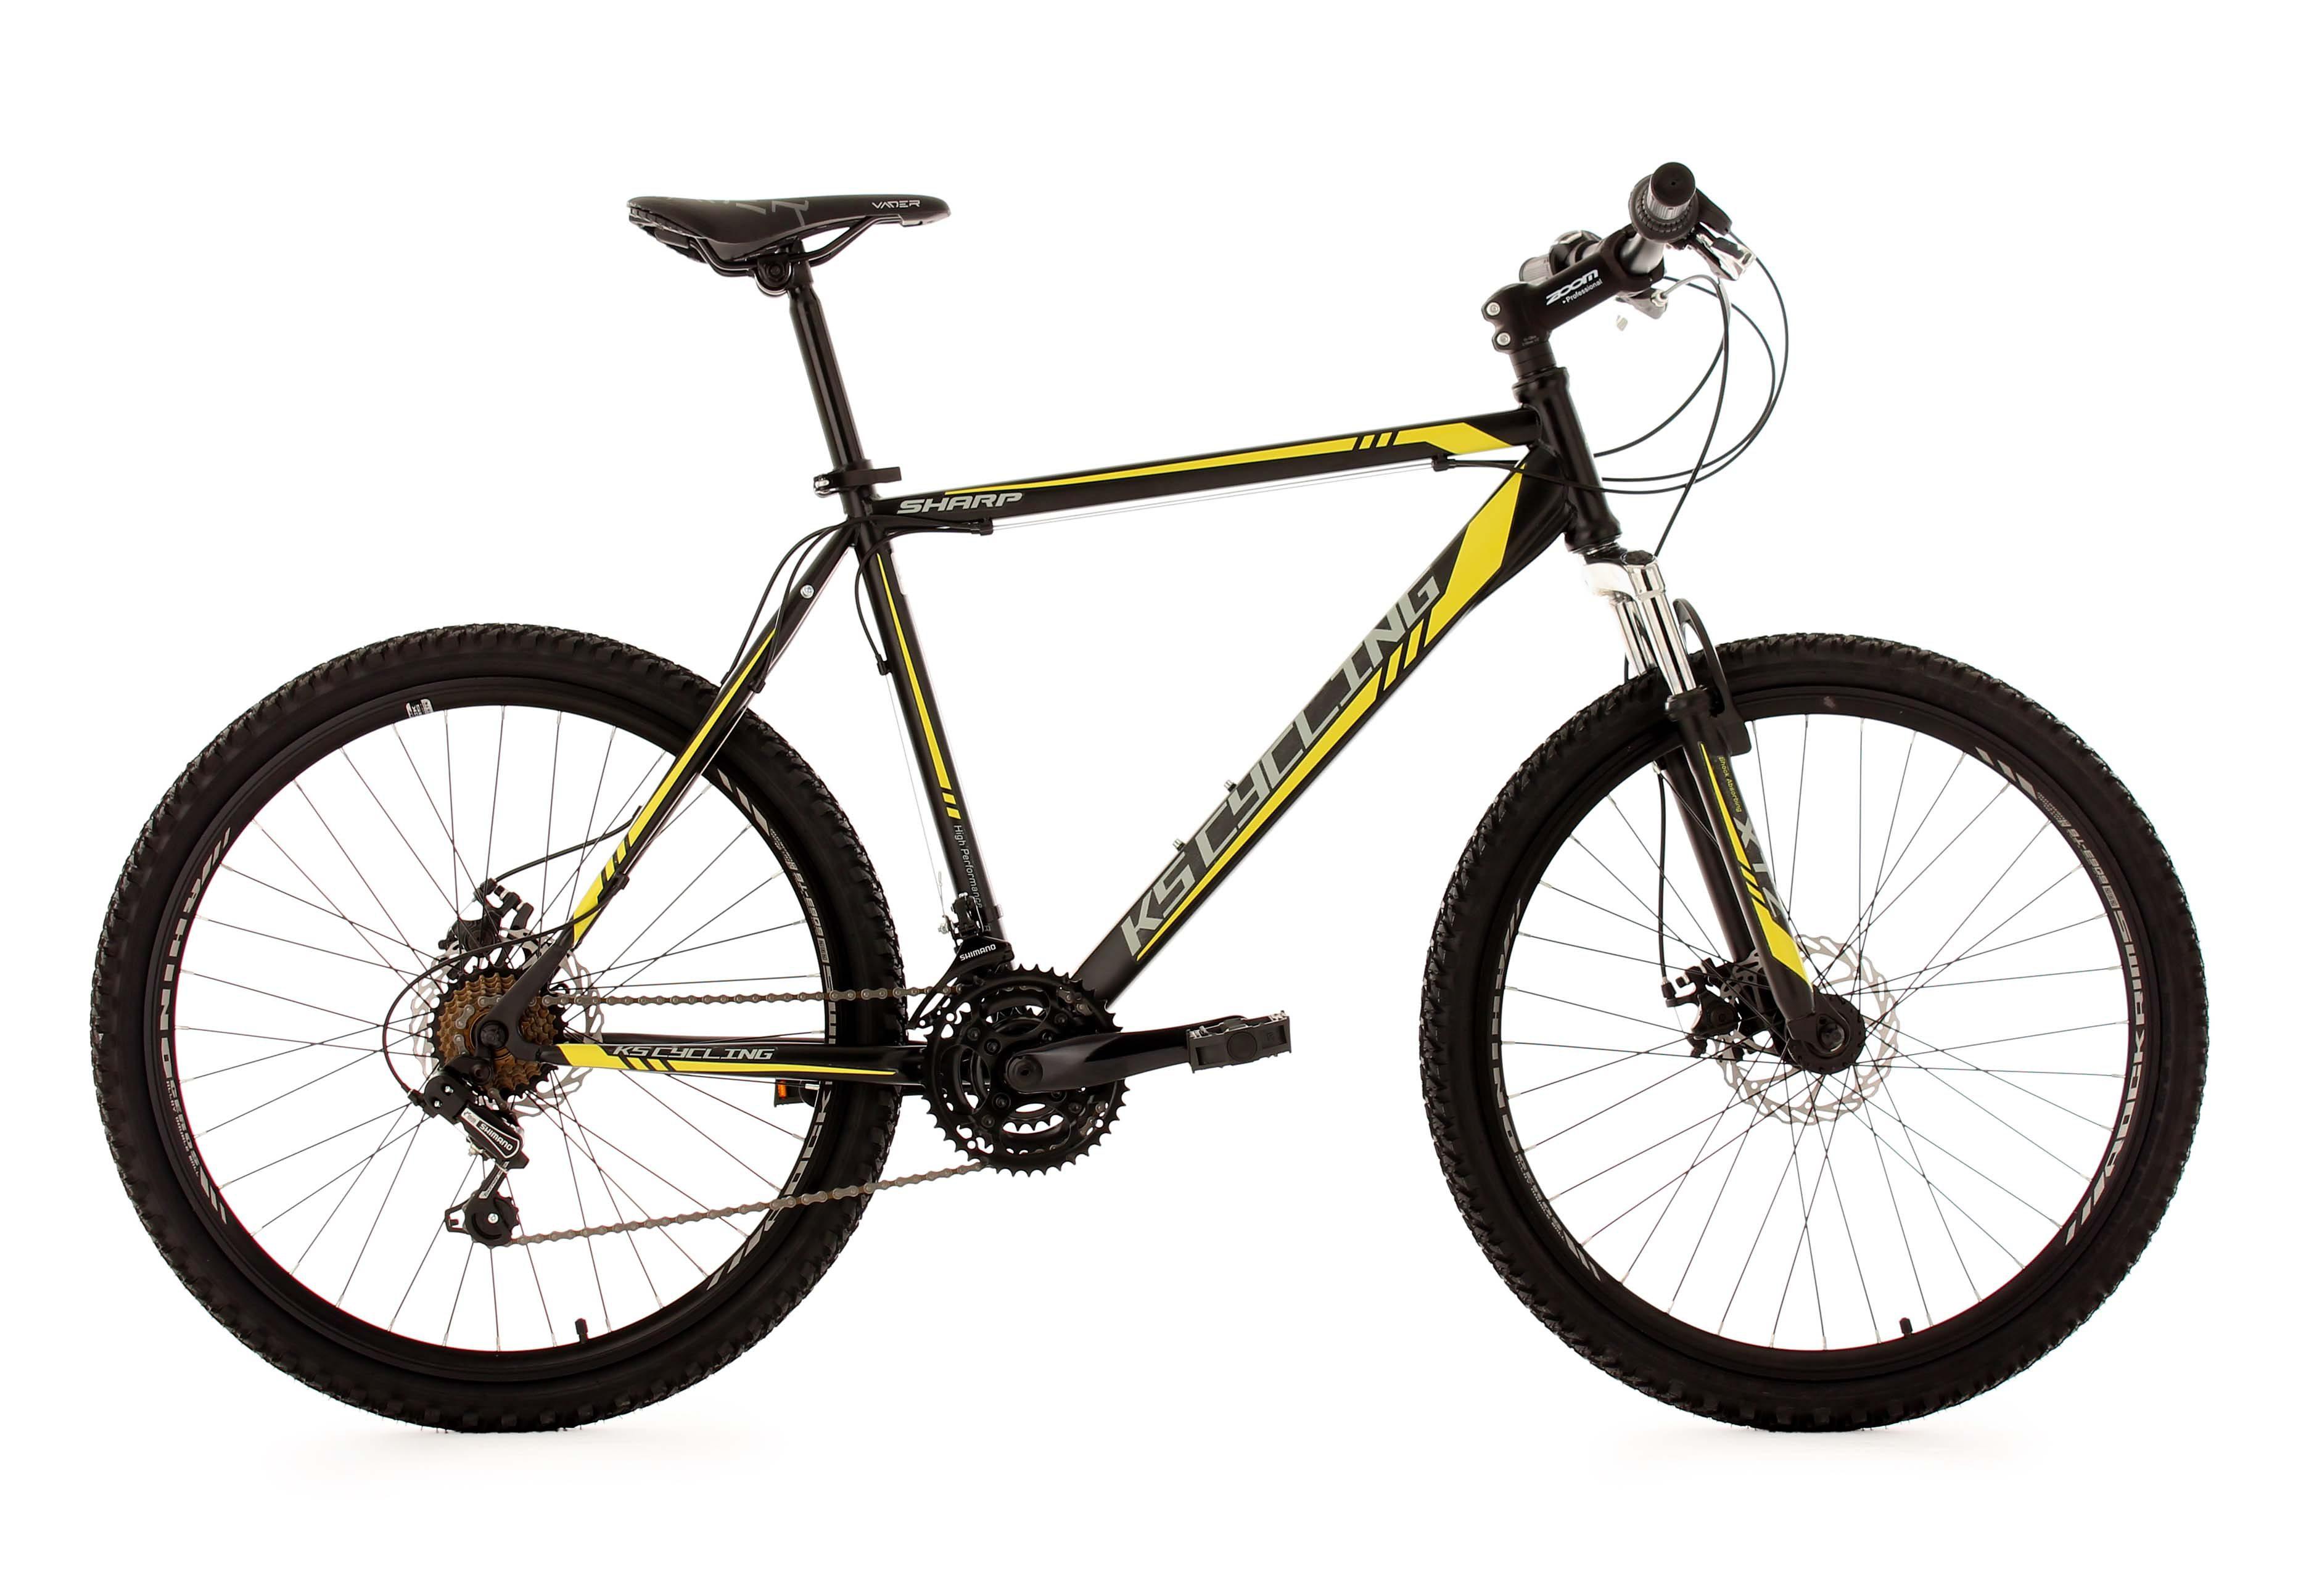 Hardtail-Mountainbike, 26 Zoll, schwarz-gelb, 21-Gang-Kettenschaltung, »Sharp«, KS Cycling